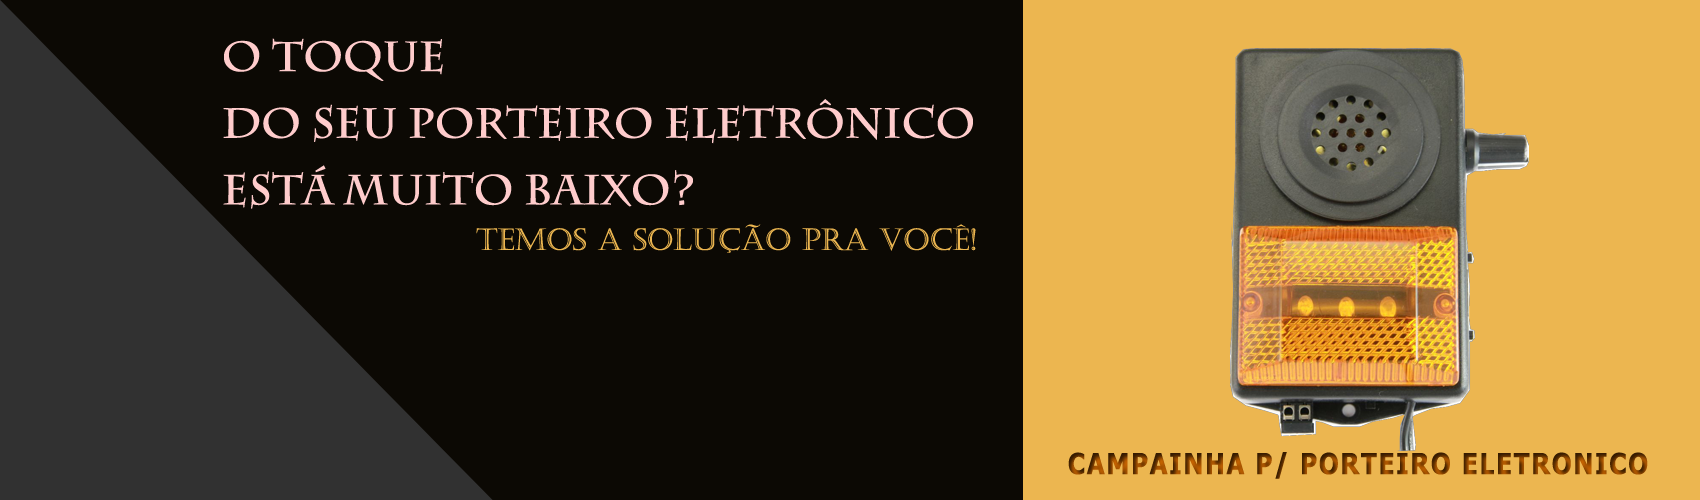 Banner_Campainha_para_Porteiro